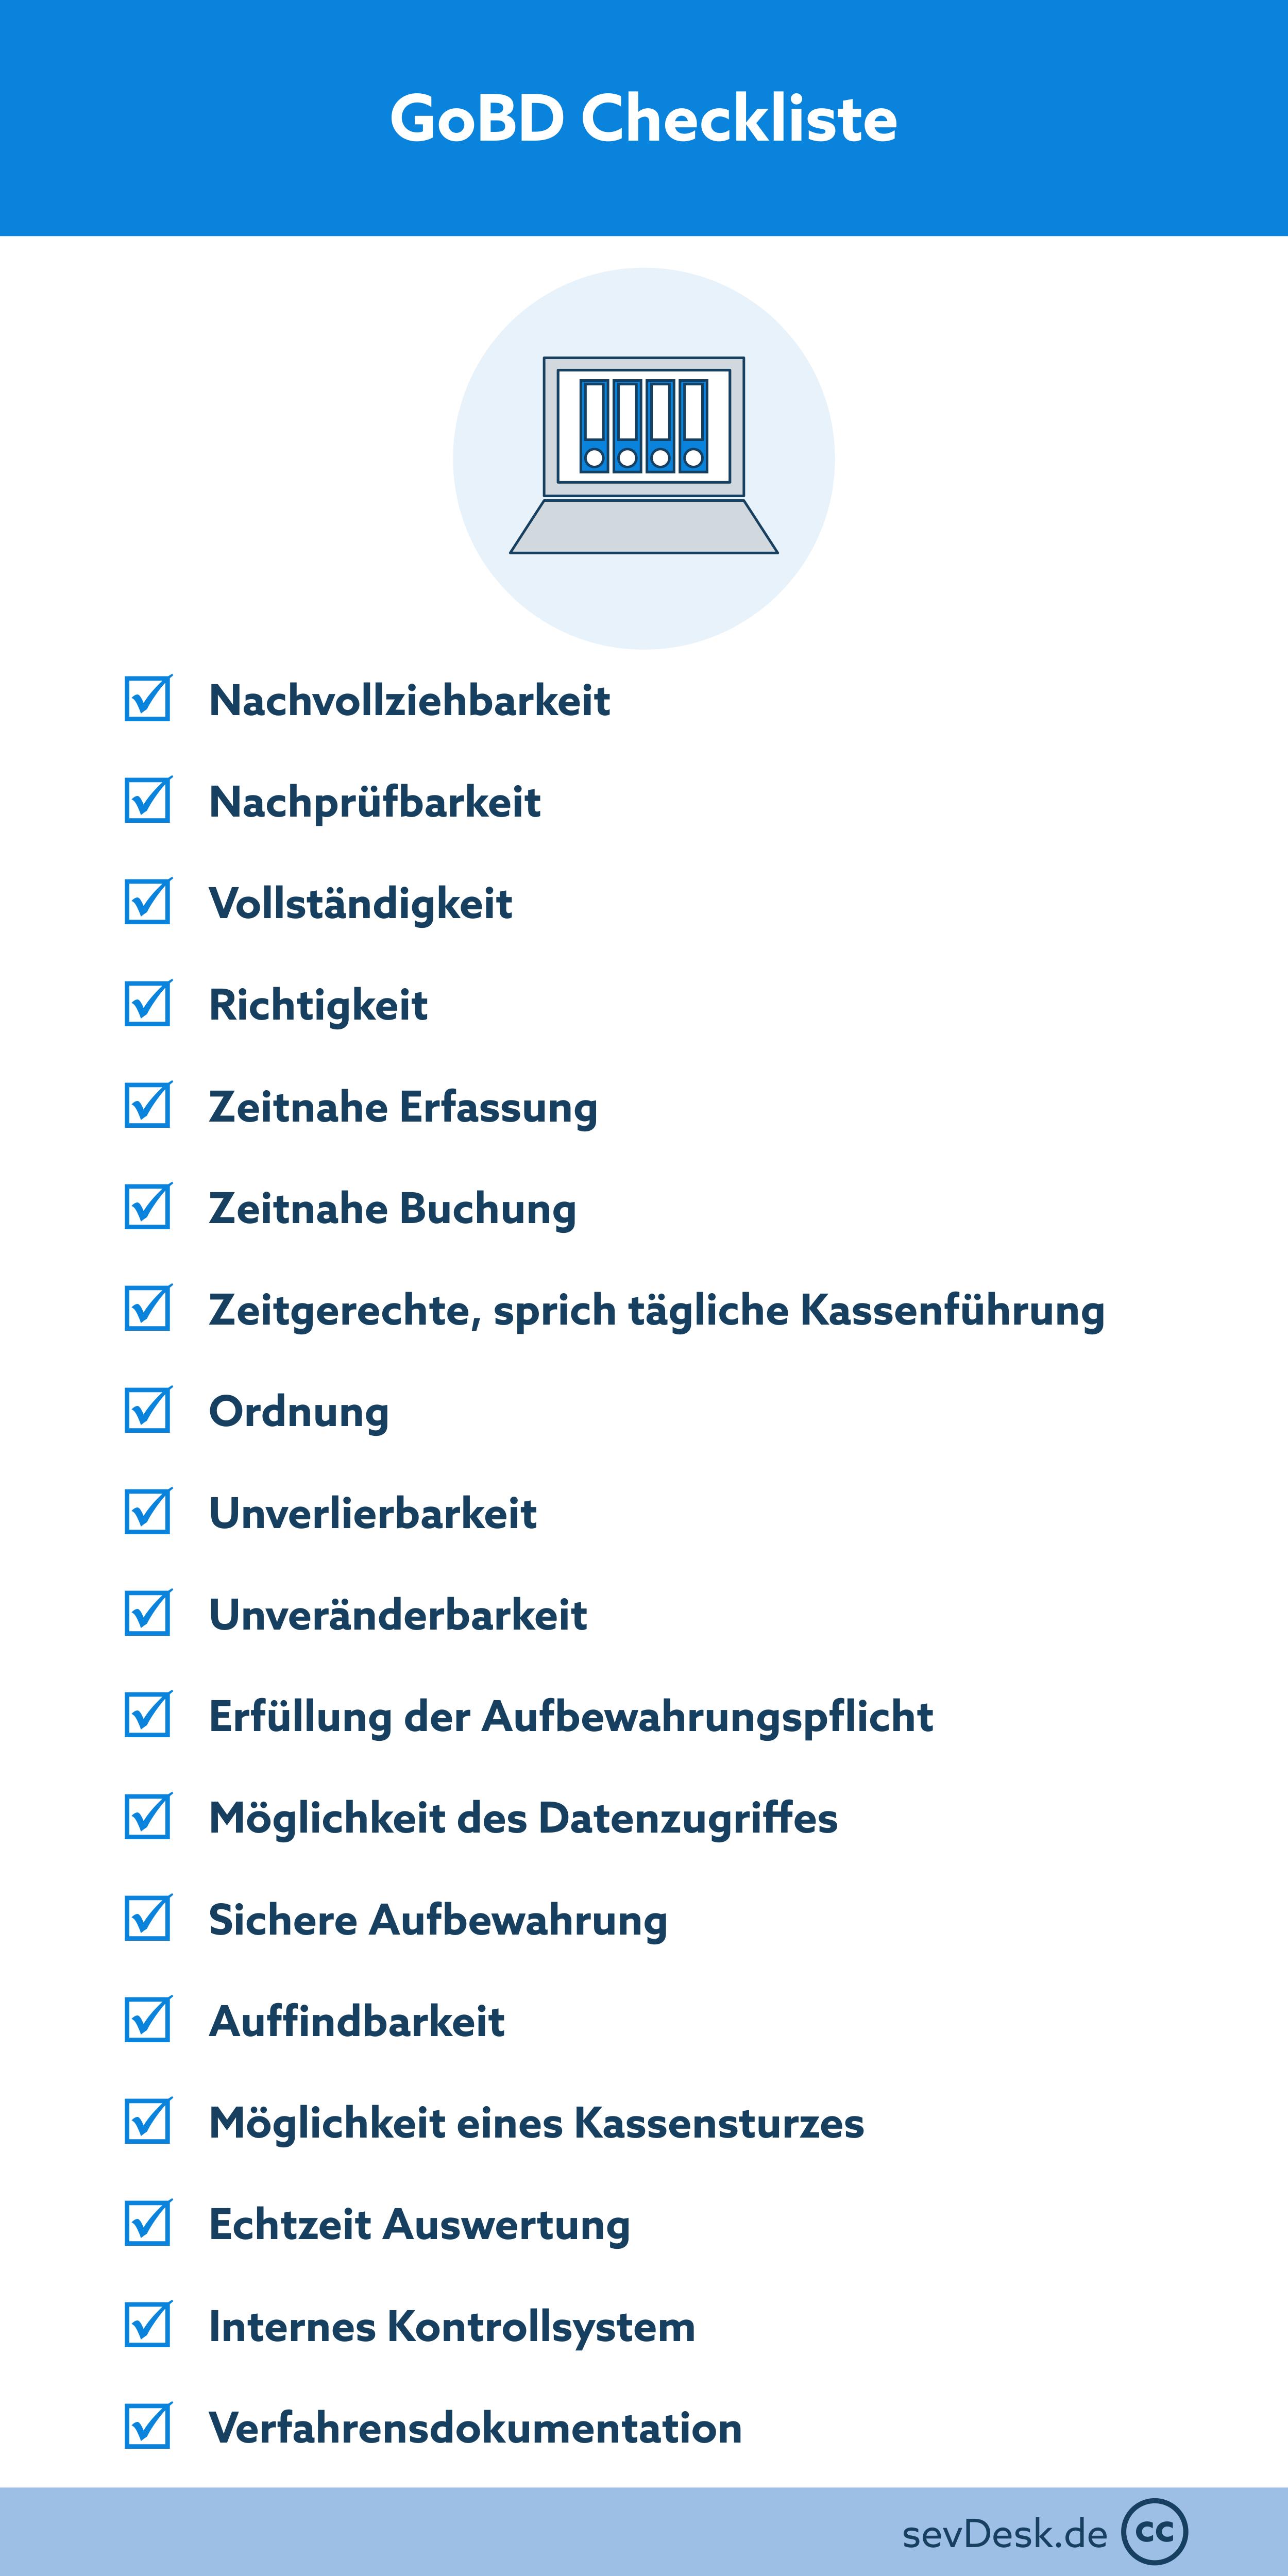 GoBD Checkliste